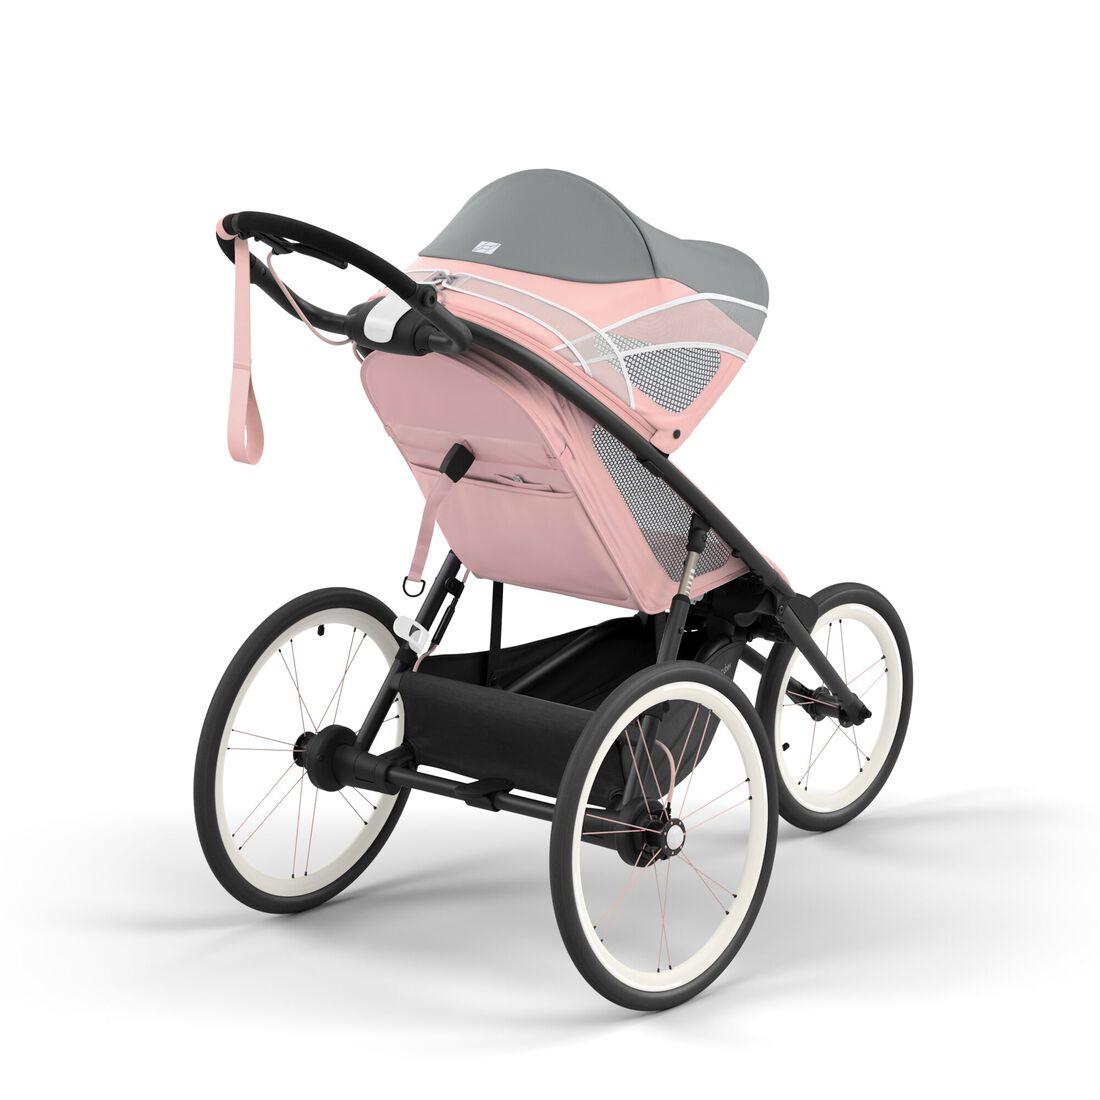 CYBEX Avi Rahmen - Schwarz mit pinken Details in Black With Pink Details large Bild 5